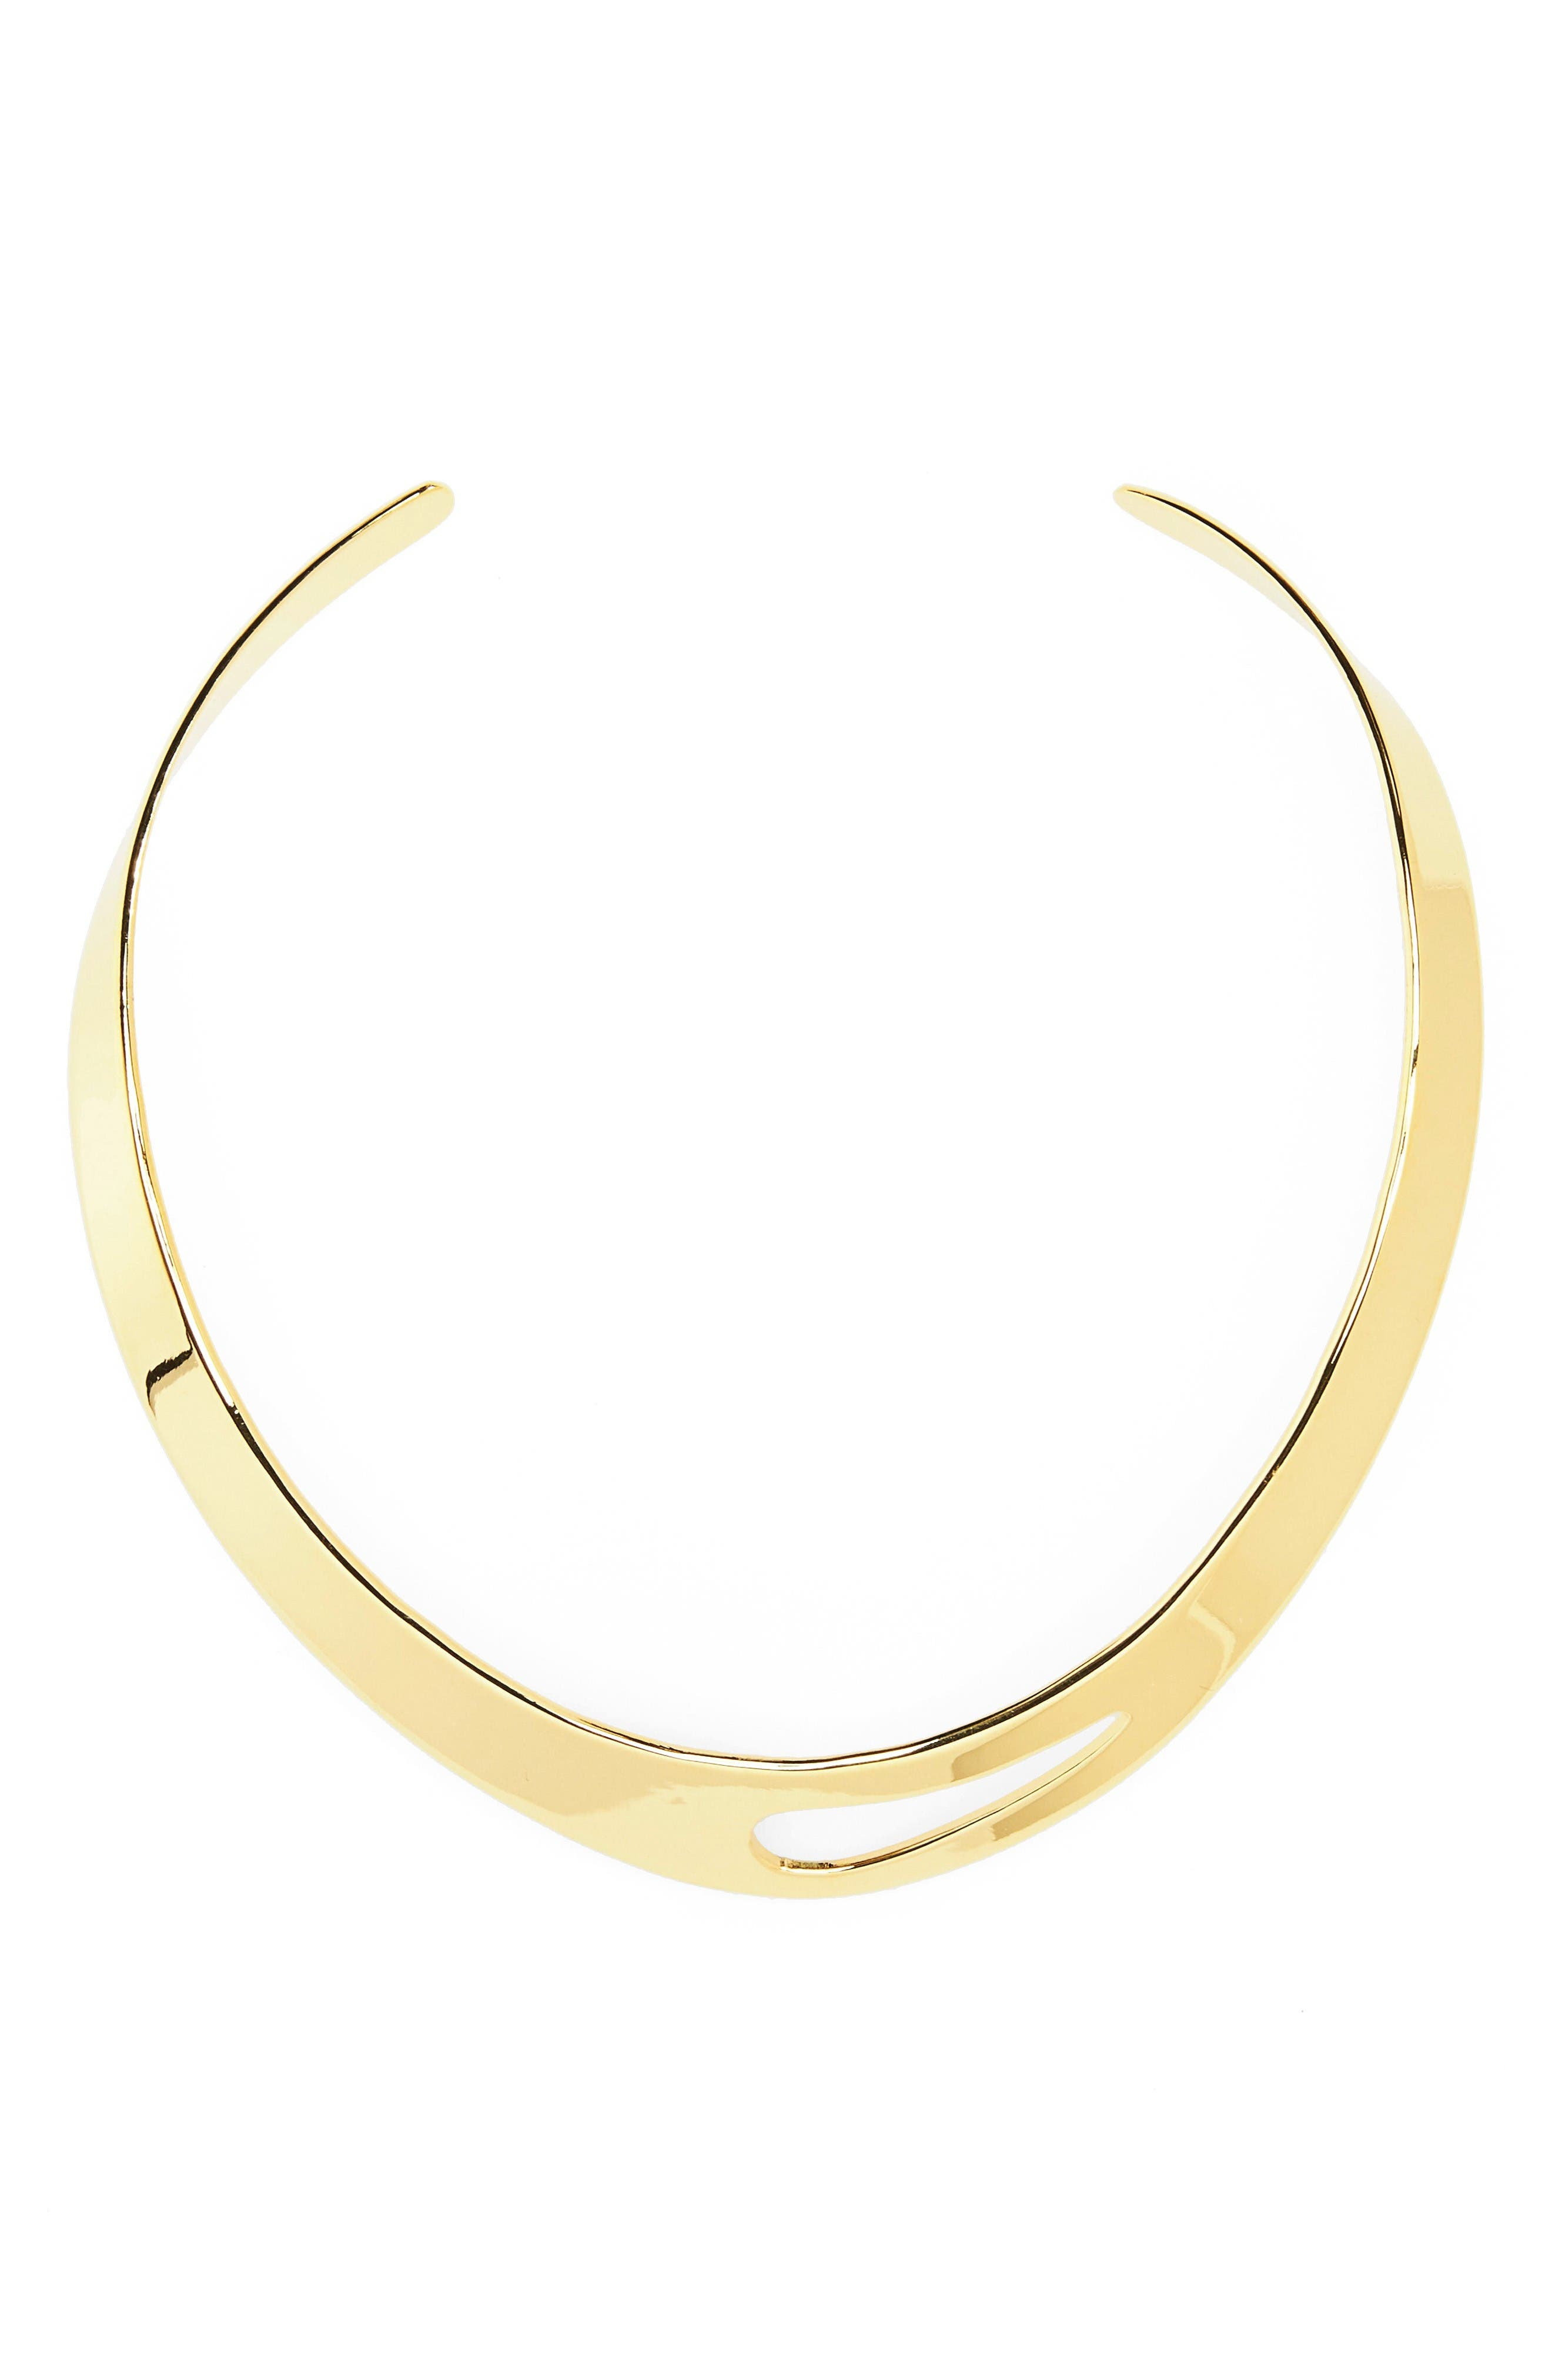 Argento Vivo Cutout Collar Necklace